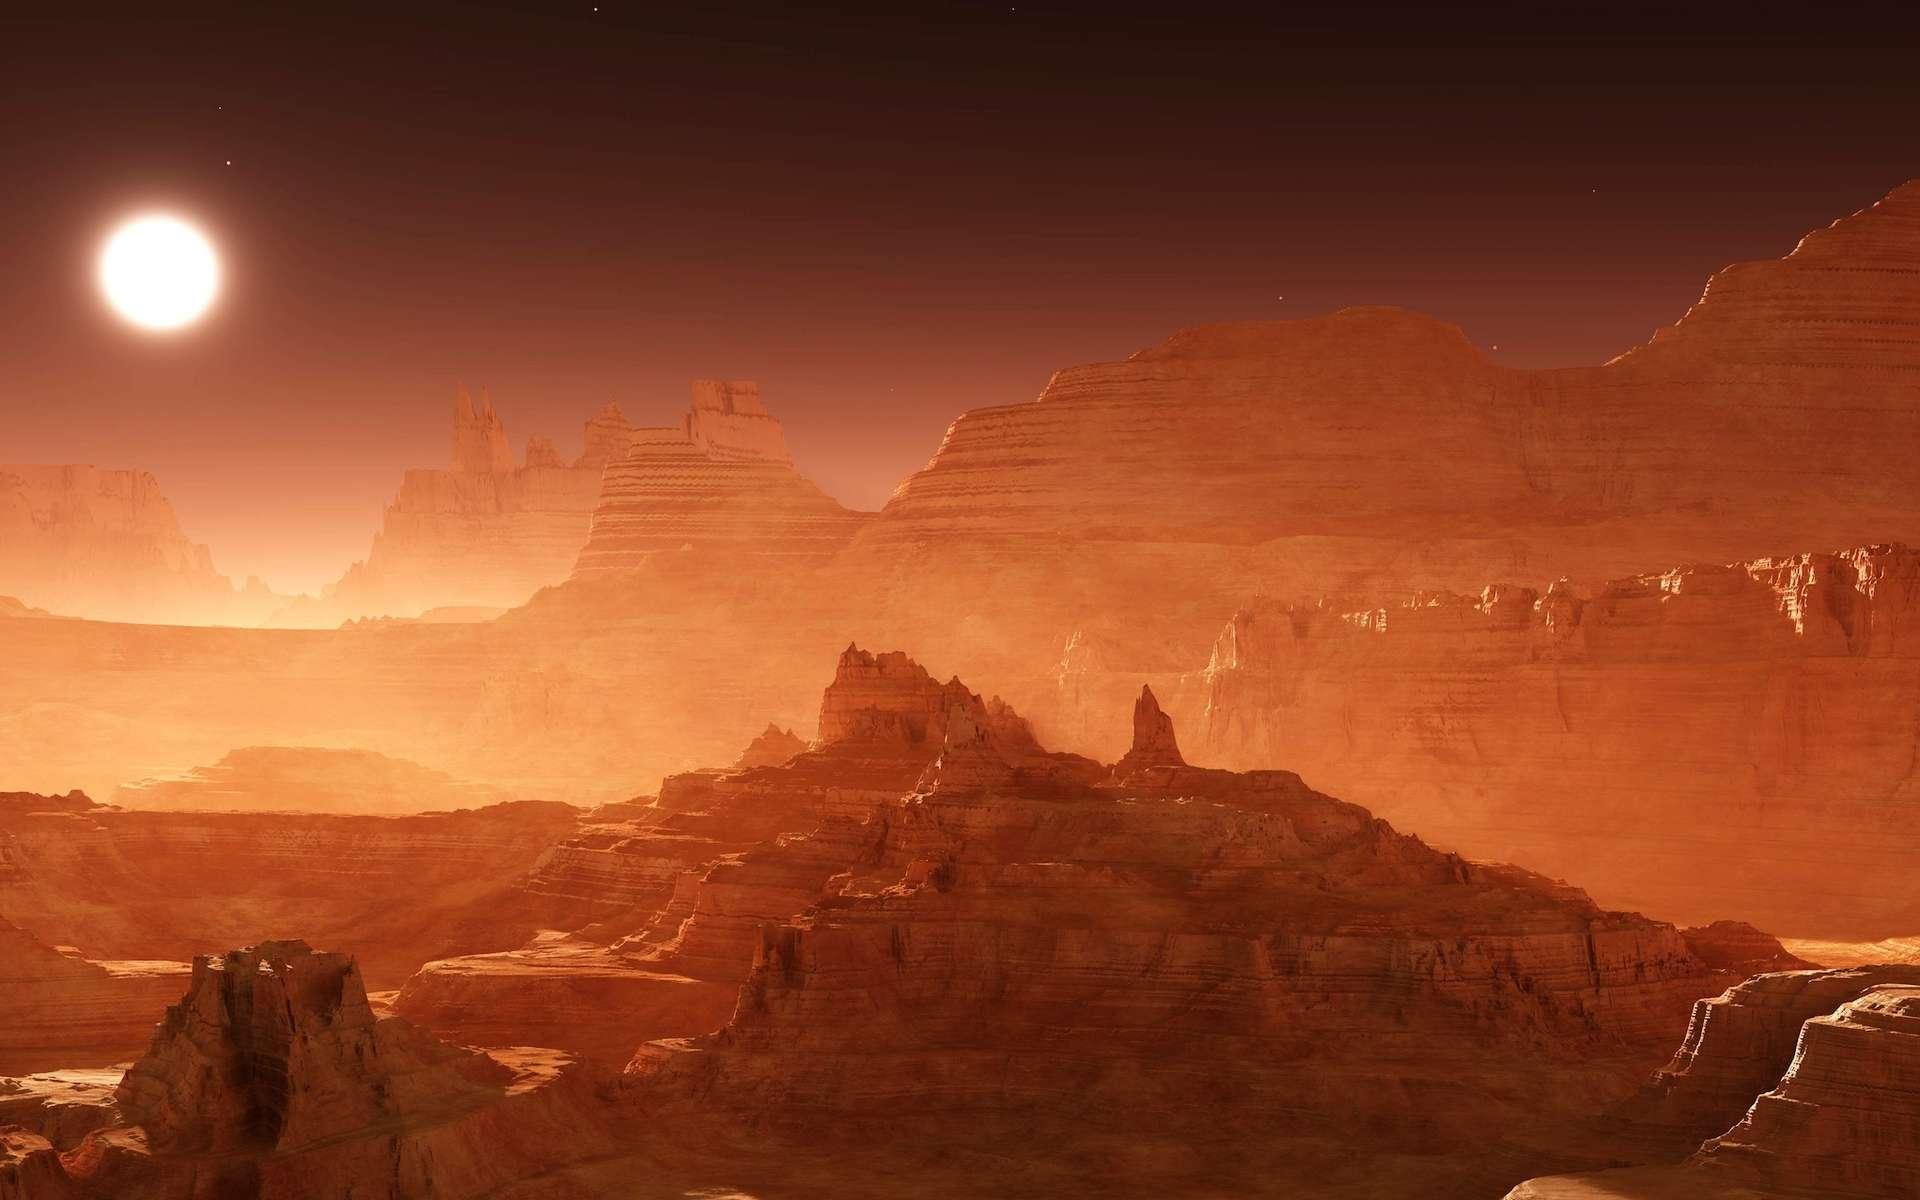 Si la vie a existé sous la surface de Mars, elle pourrait avoir survécu jusqu'à aujourd'hui, assure des chercheurs de l'université Brown (États-Unis). © ustas, Adobe Stock